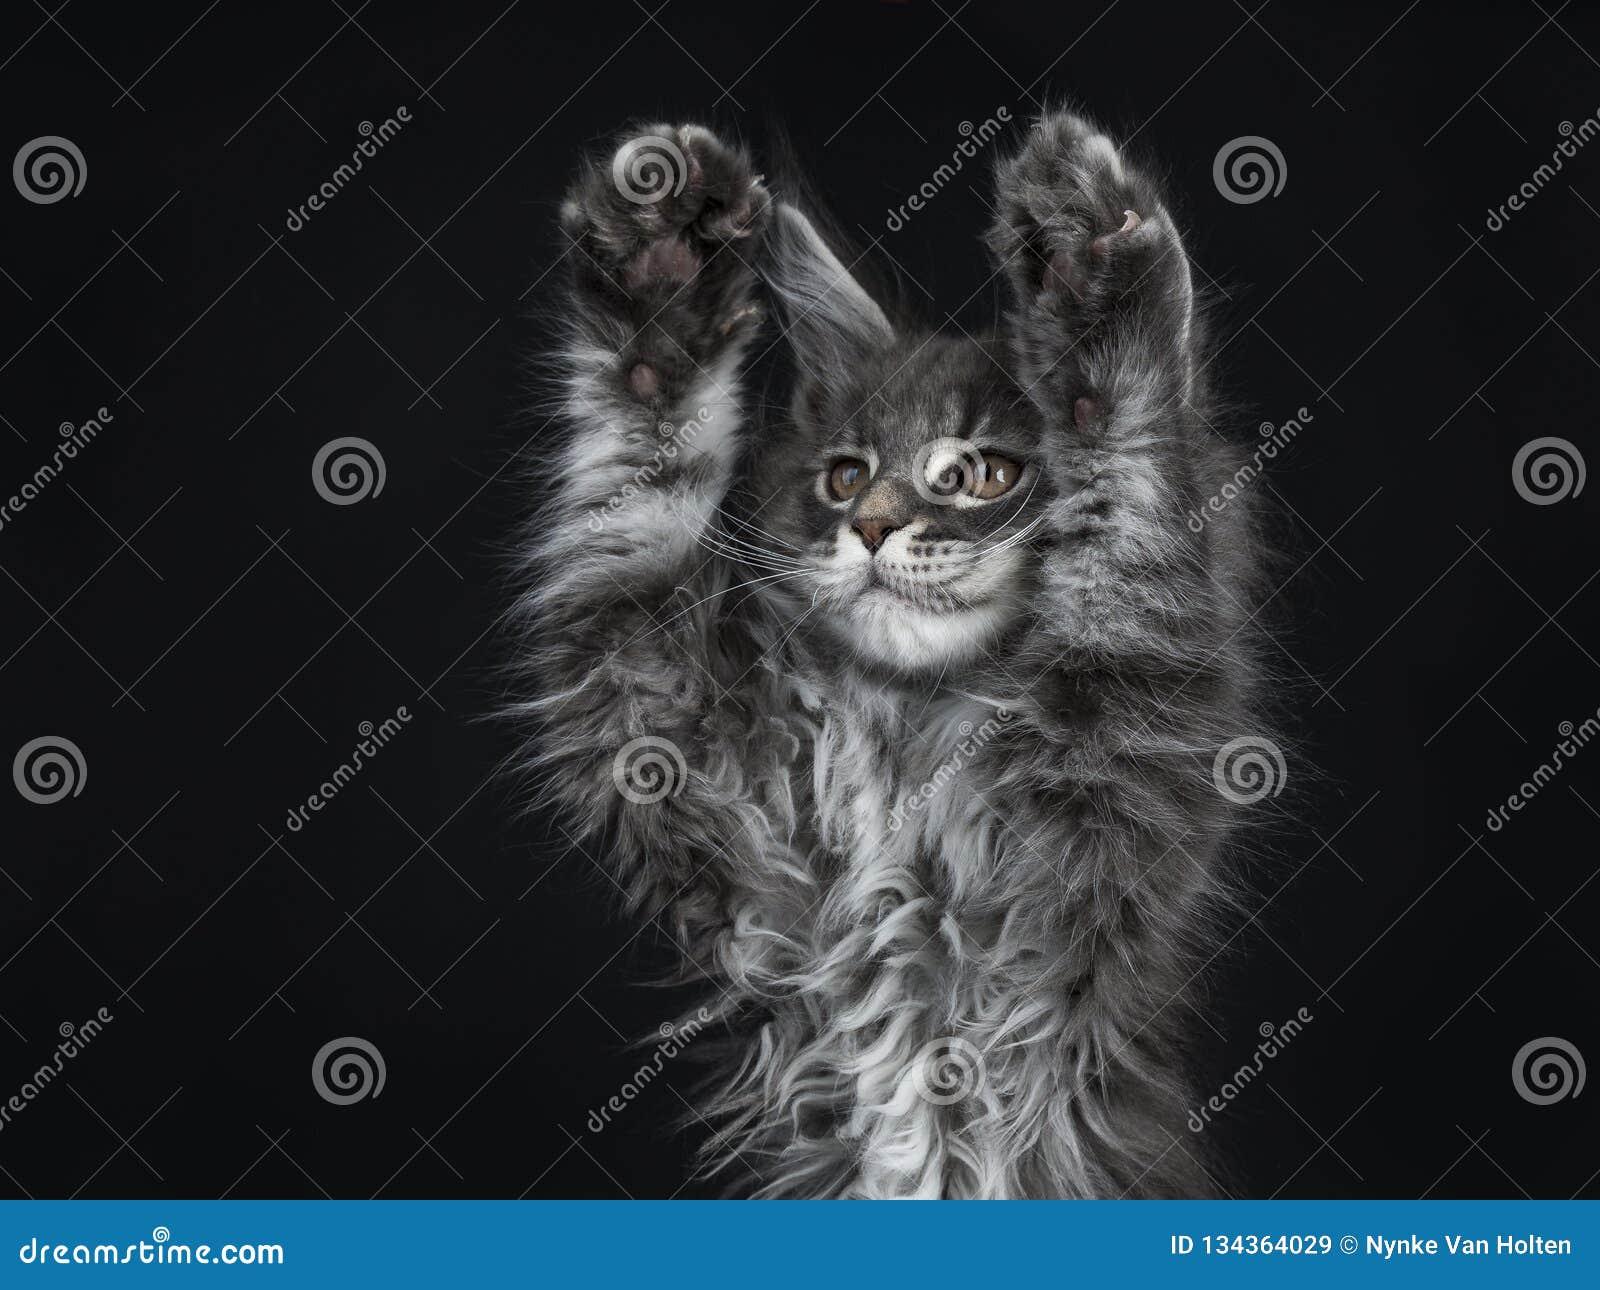 Впечатляющий голубой серебряный котенок кота енота Мейна, изолированный на черной предпосылке